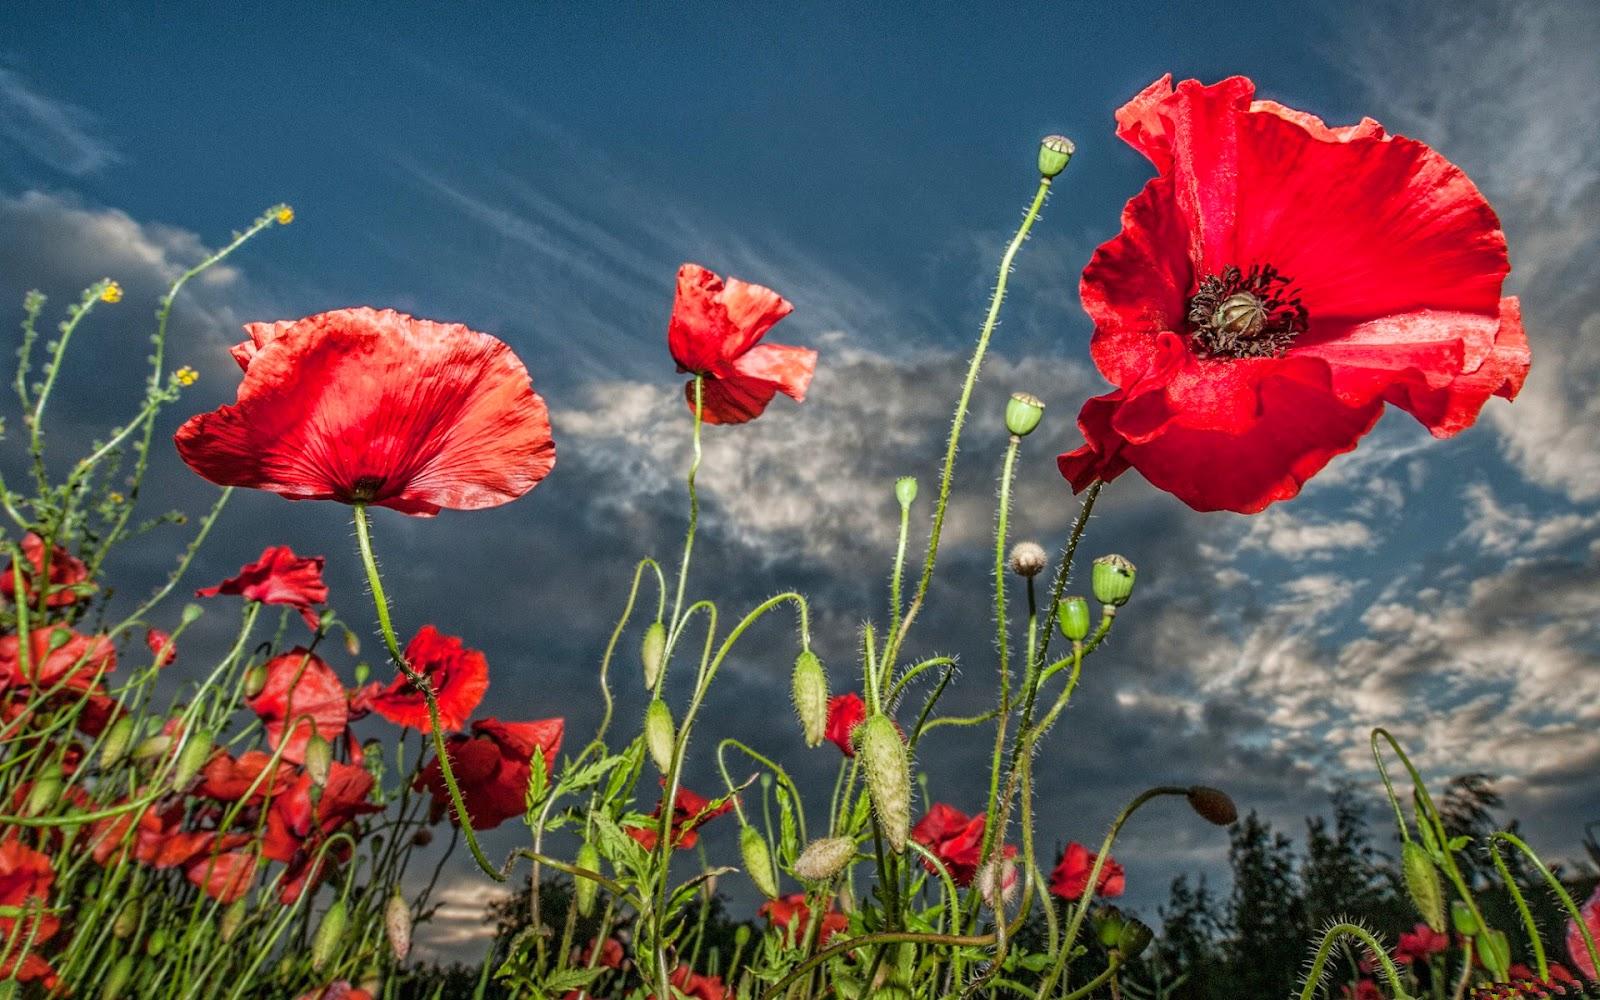 Poppy HD wallpaper